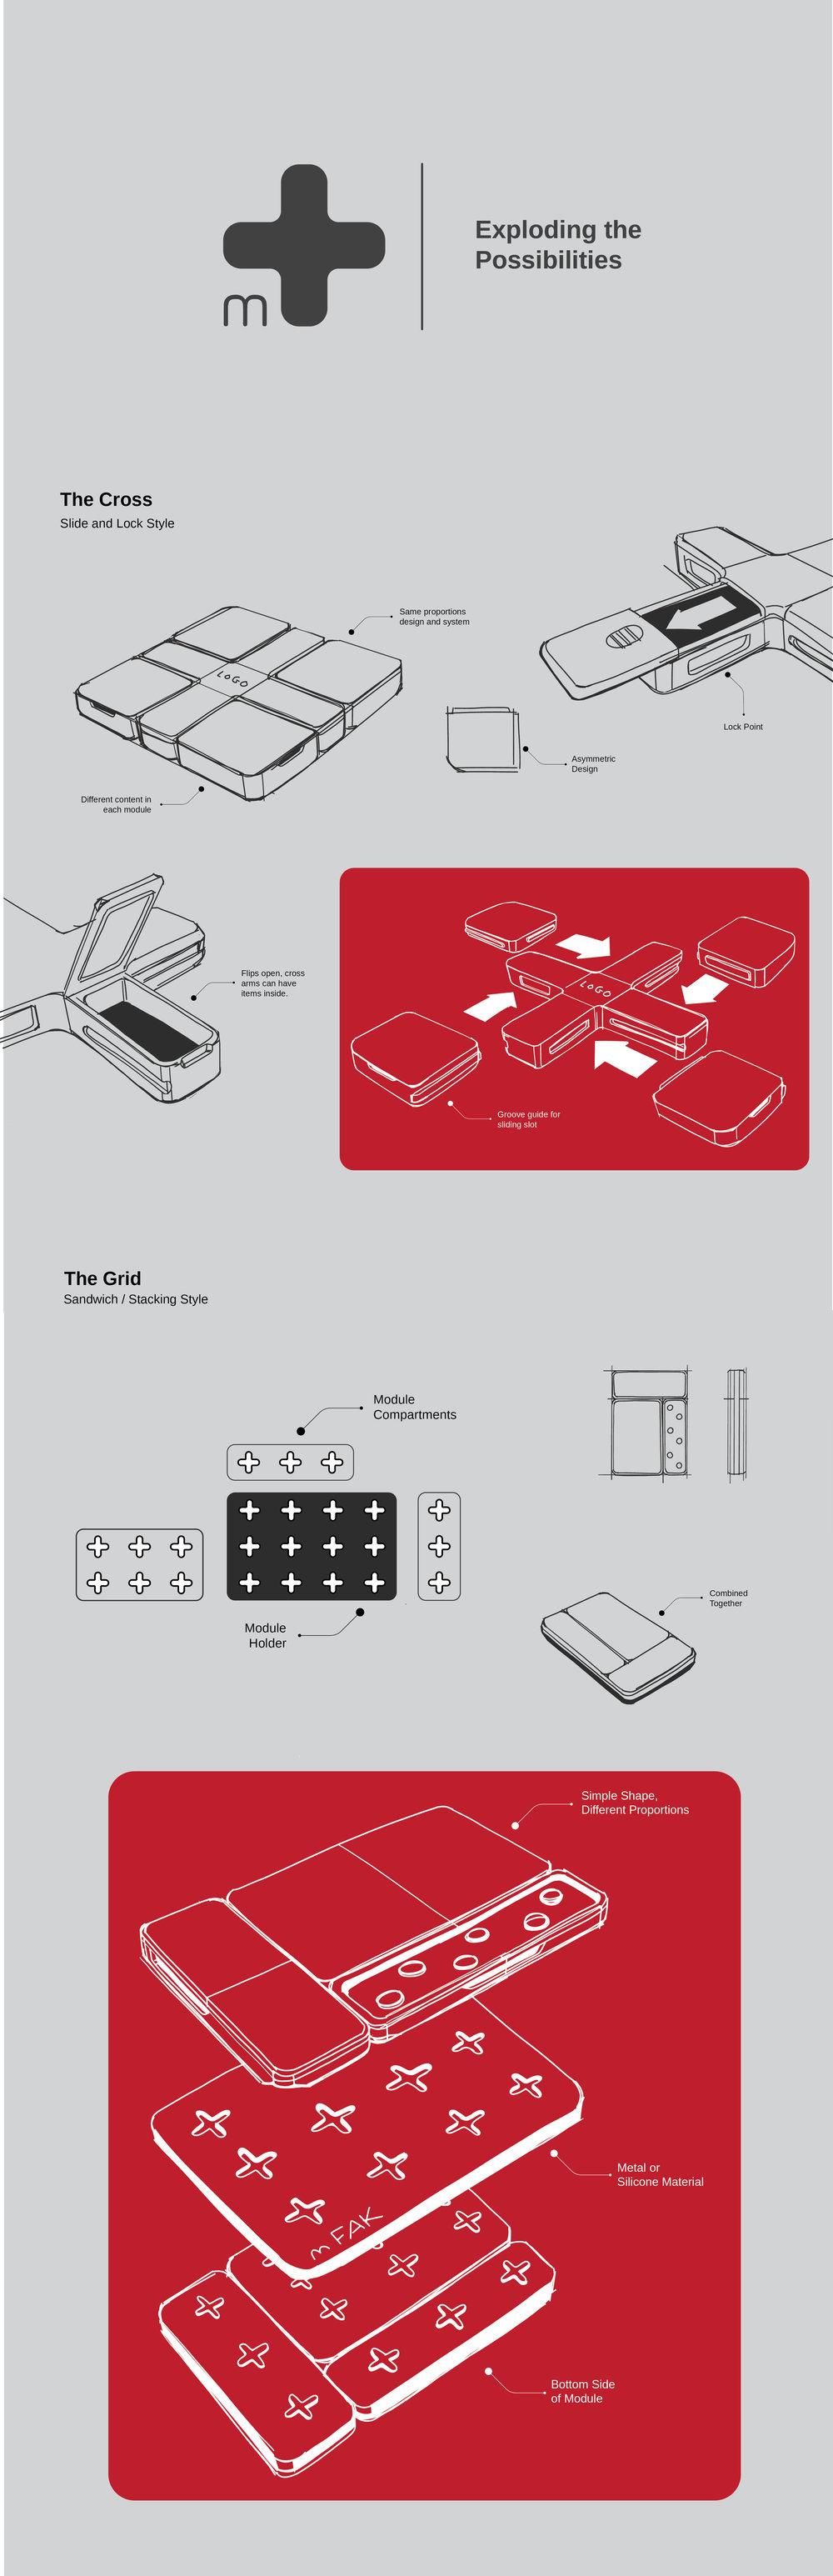 mFAK-v3-presentation4.jpg